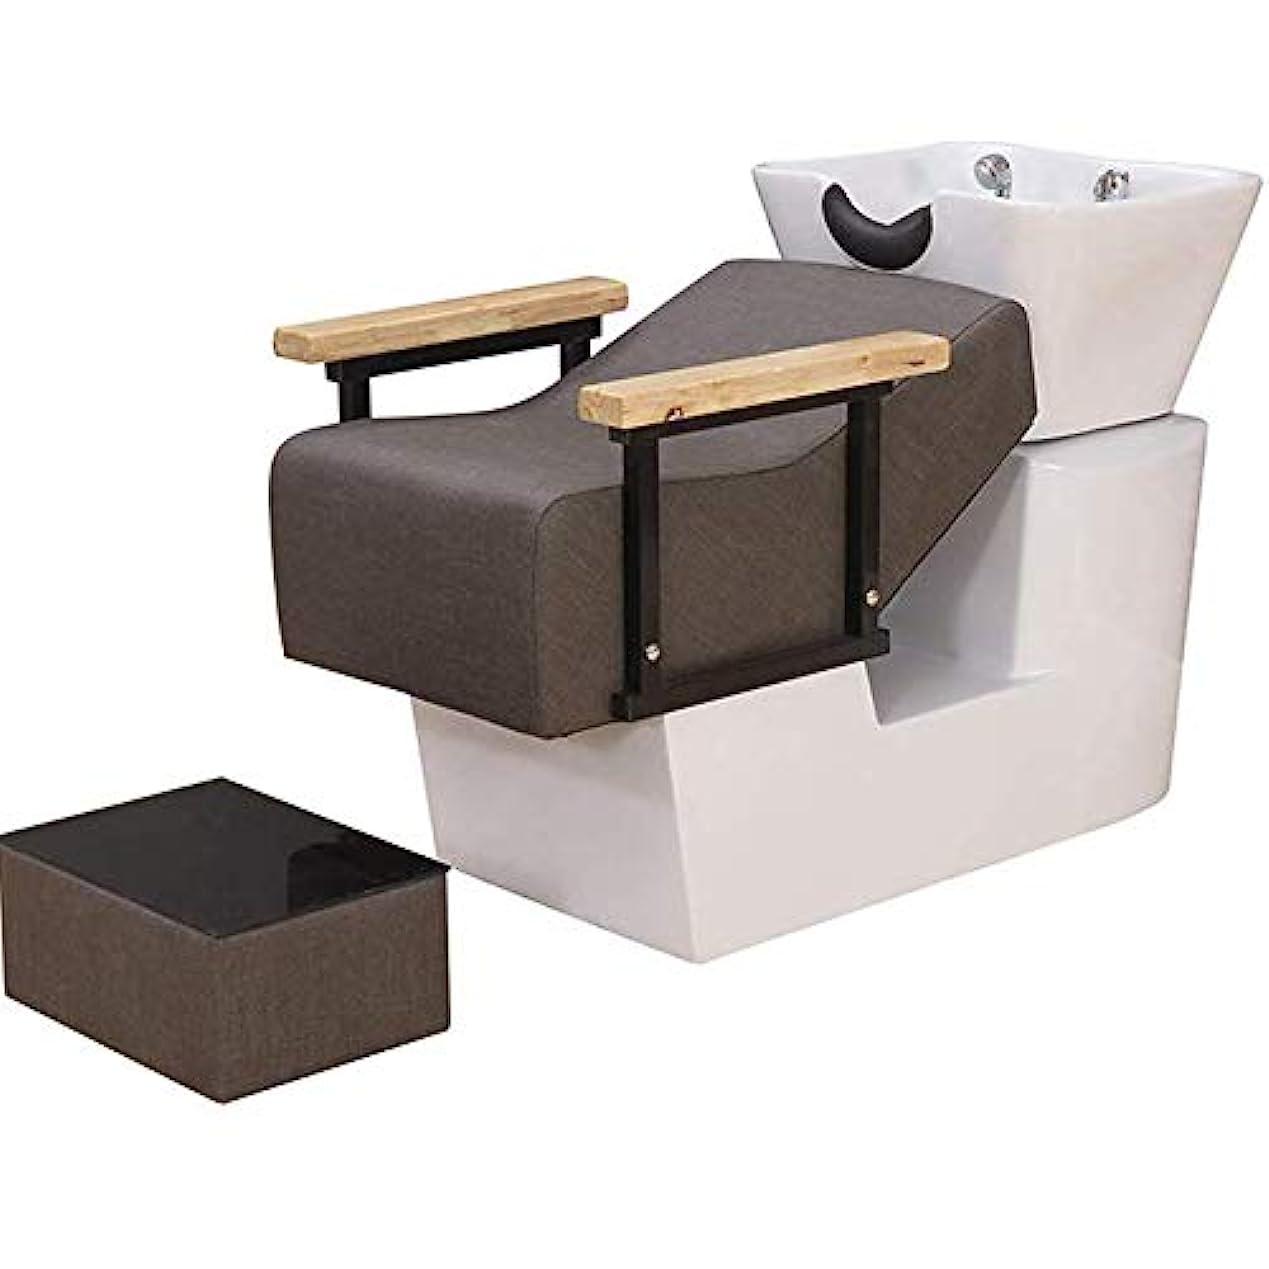 布ローマ人チャーターサロン用シャンプーチェアとボウル、スパ美容サロン機器セミ陥凹フラッシュベッドのためのヨーロッパスタイルの逆洗ユニットシャンプーボウル理髪シンクチェア